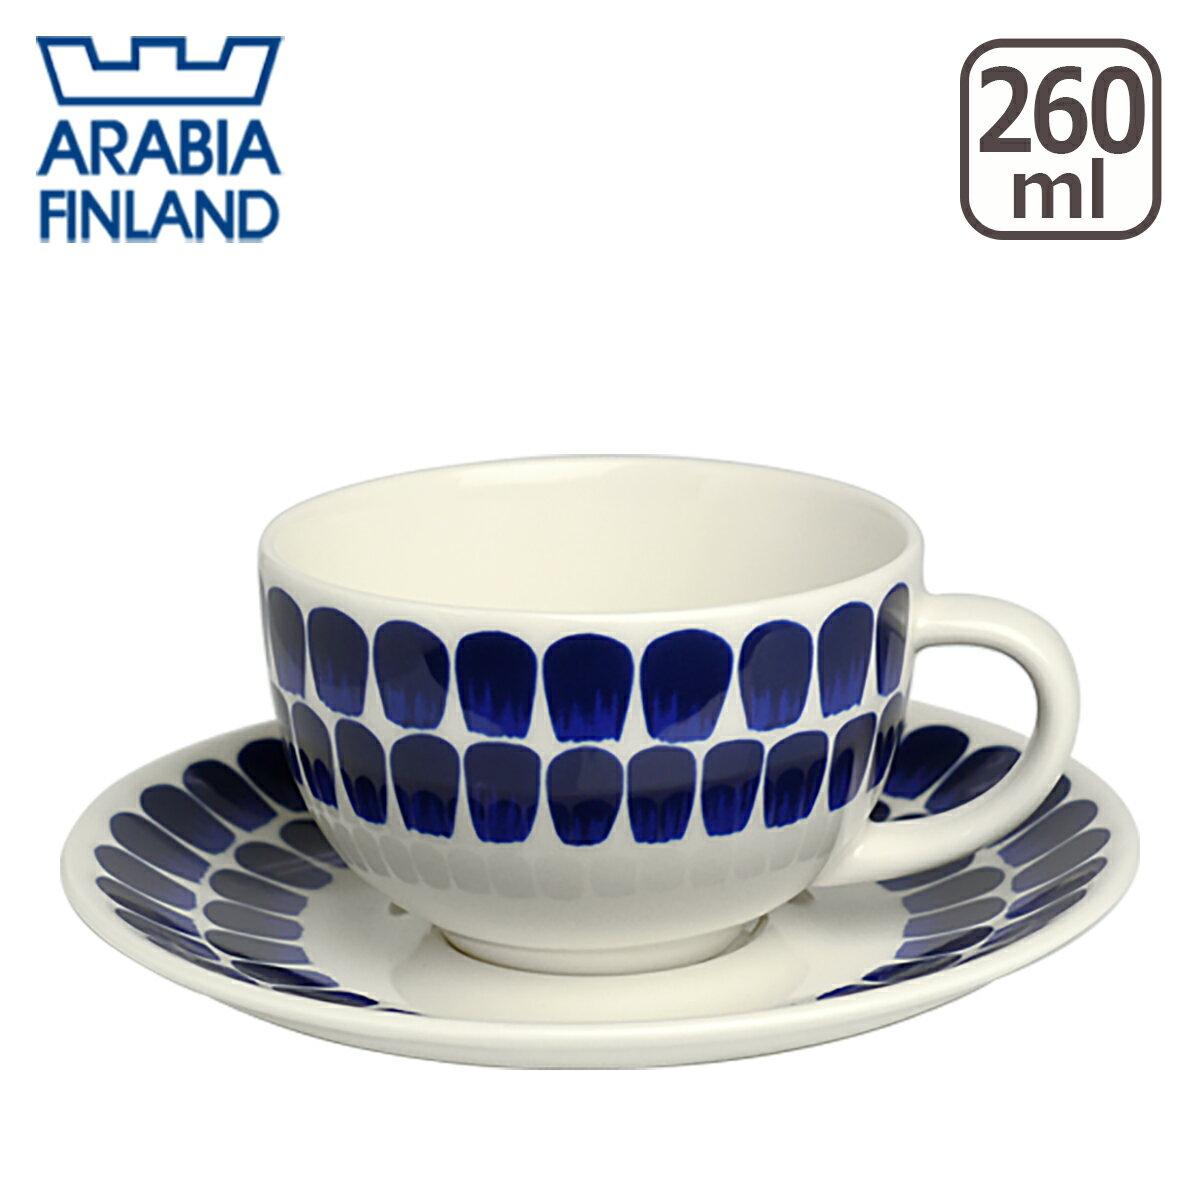 3%OFFクーポン対象! アラビア(Arabia) 24h トゥオキオ (TUOKIO) ティー カップ&ソーサー 北欧 フィンランド 食器